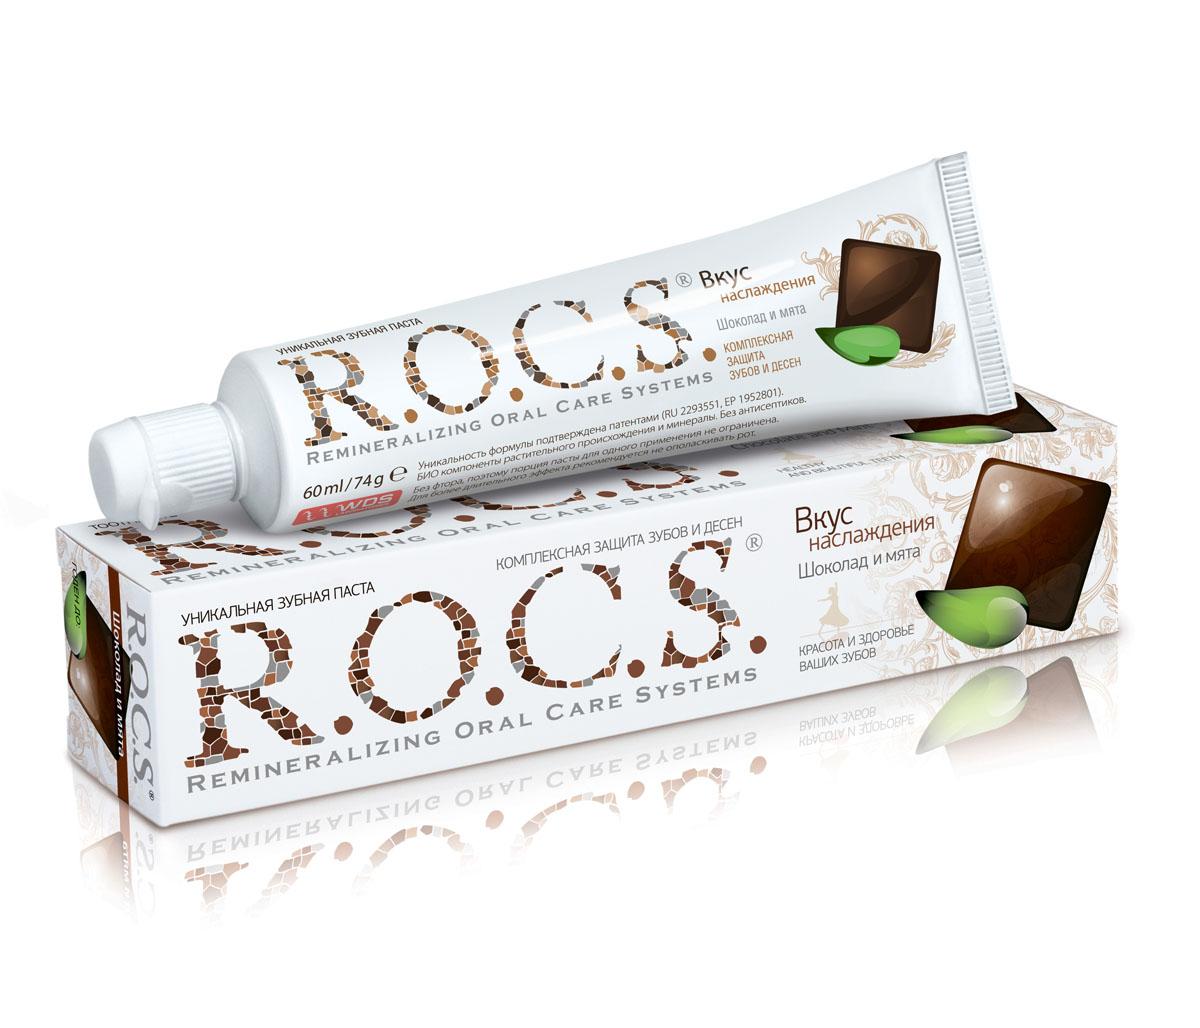 Зубная паста R.O.C.S. Шоколад и мята, 74 г32700050Уникальная зубная паста R.O.C.S. Шоколад и мята - комплексная защита зубов и десен. Значительное количество ингредиентов зубной пасты попадает в кровь через слизистую оболочку полости рта в момент чистки зубов. Вот почему так важно, чтобы паста была безопасной. Запатентованная формула R.O.C.S. содержи био-компоненты растительного происхождения, активность которых сохраняется благодаря применяемой низкотемпературной технологии приготовления зубной пасты. Высокая эффективность R.O.C.S. подтверждена клиническими исследованиями: Защищает от кариеса и нормализует состав микрофлоры полости рта; Возвращает белизну и блеск эмали за счет действия ферментативной системы в сочетании с минеральным комплексом; Устраняет кровоточивость и воспаление десен без применения антисептиков. Характеристики: Вес: 74 г. Производитель: Россия. Артикул: 71675. Товар сертифицирован.